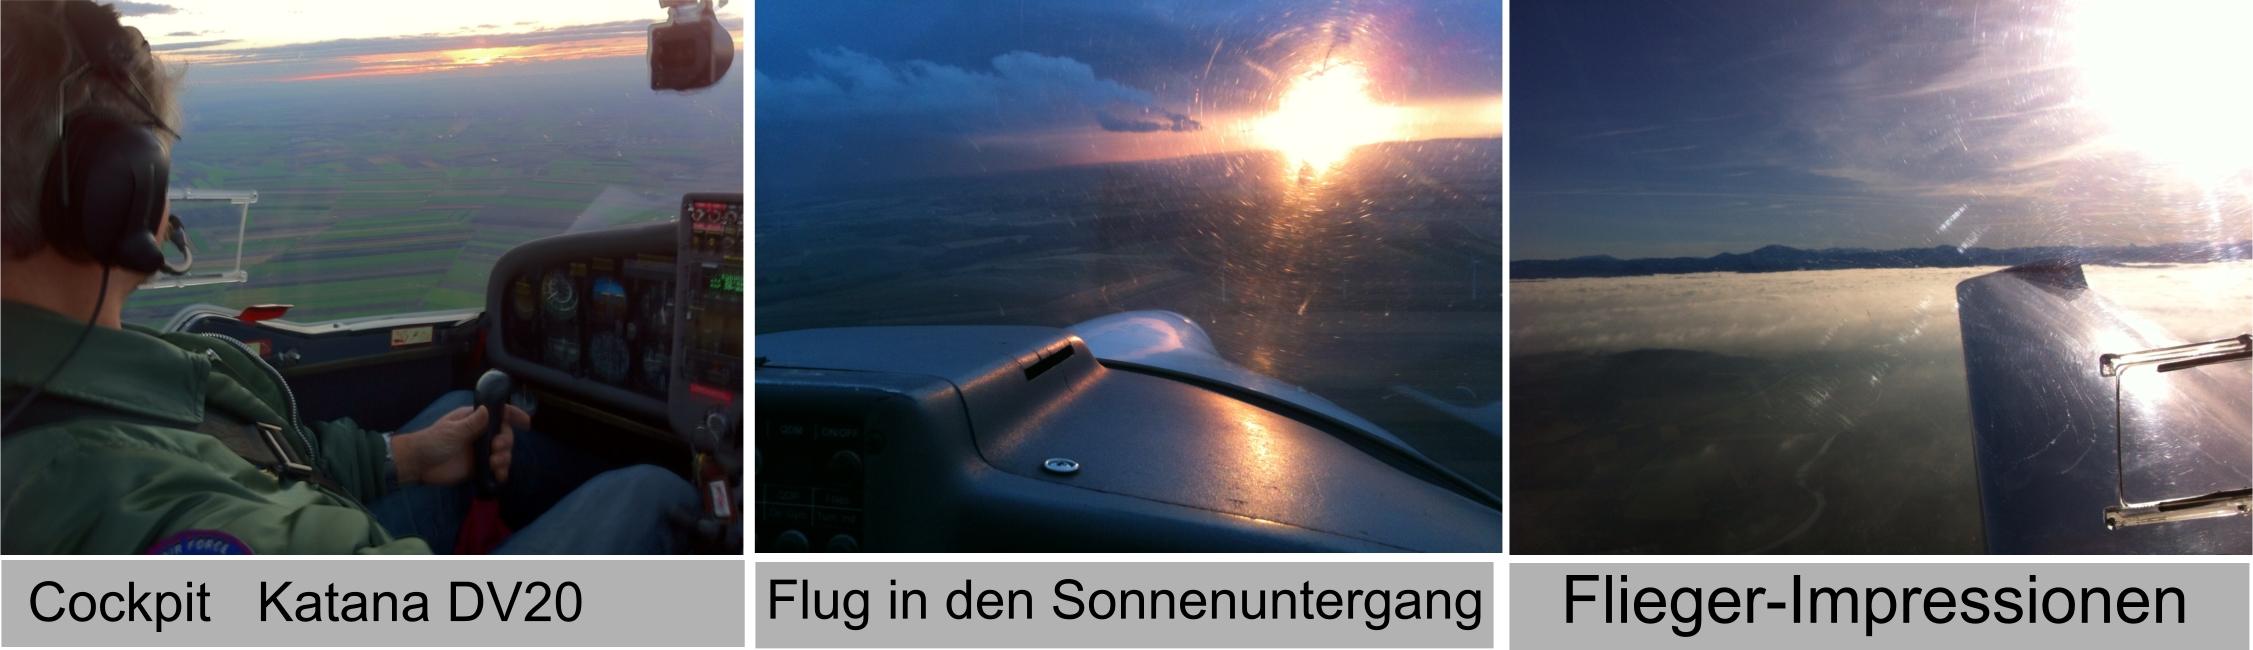 Ein Flug in den Sonnenuntergang